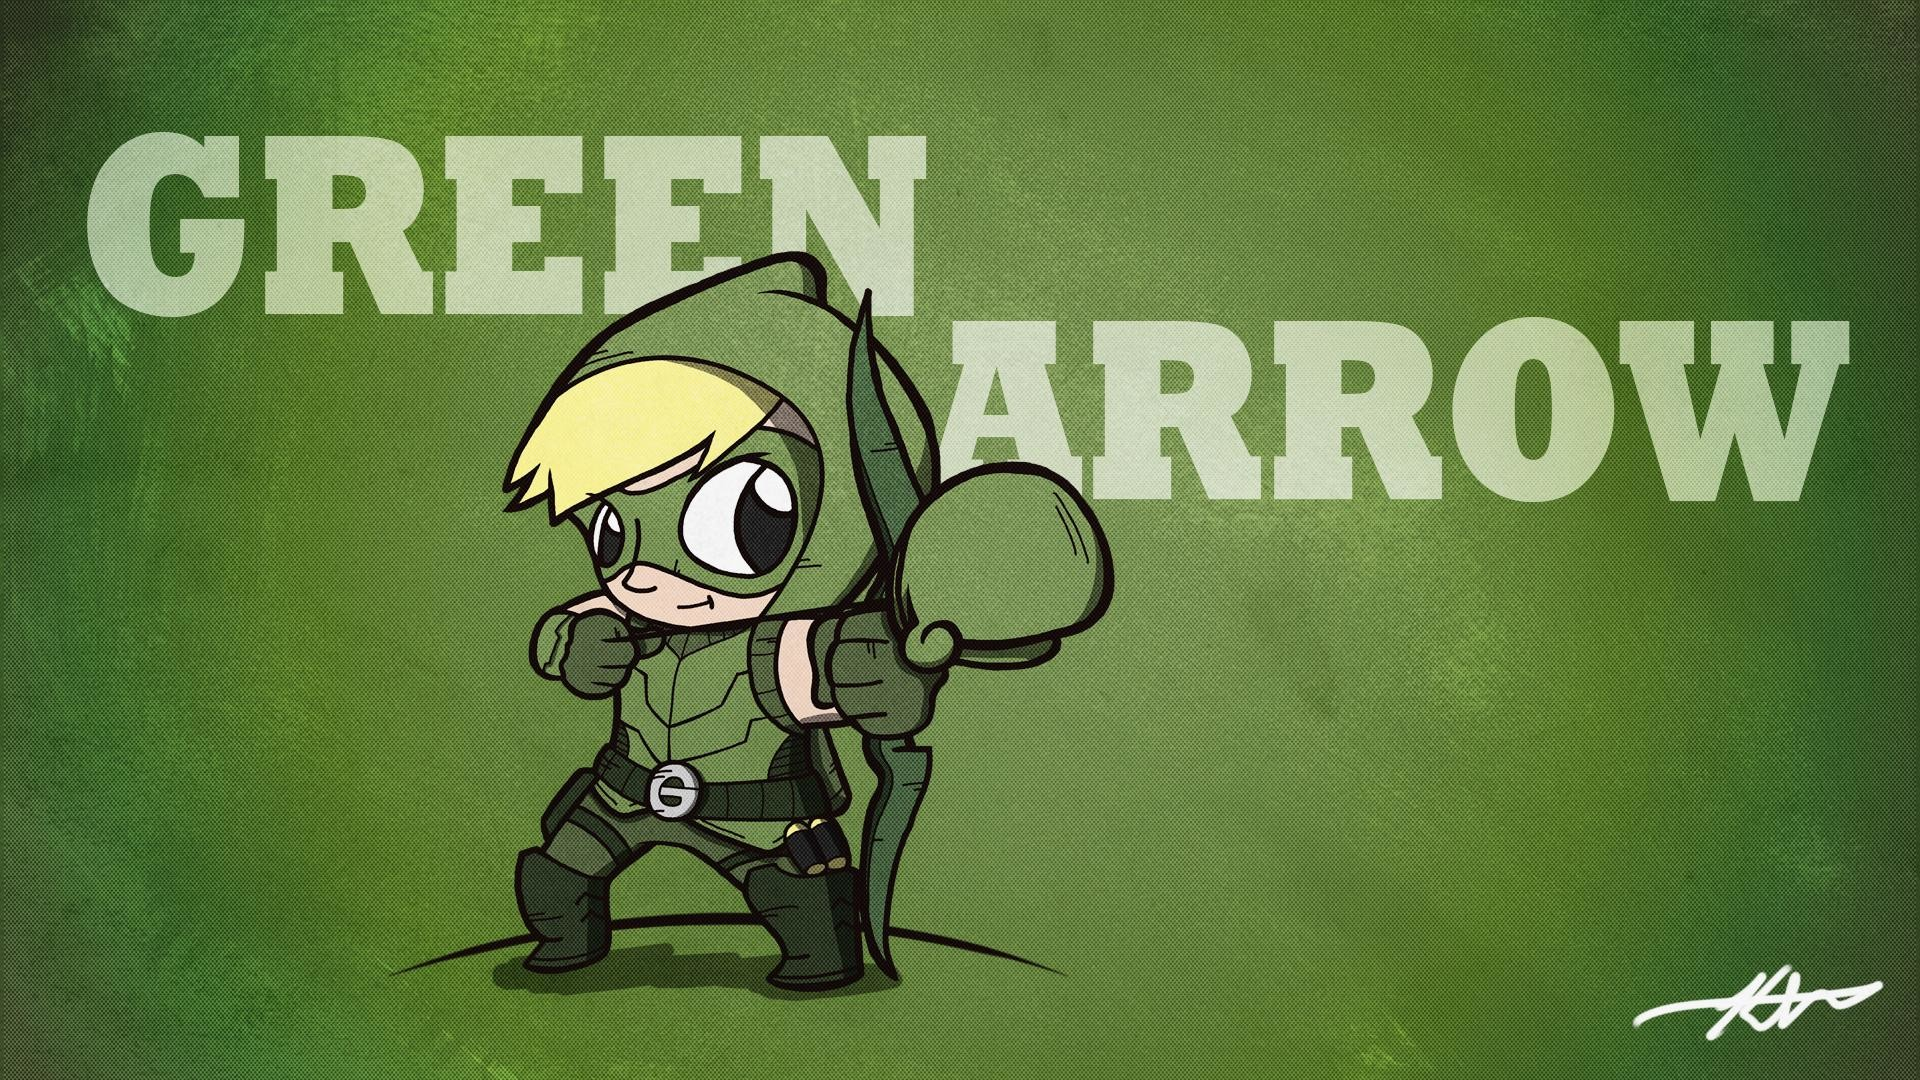 green-arrow-download-hd-wallpaper-wp4007281